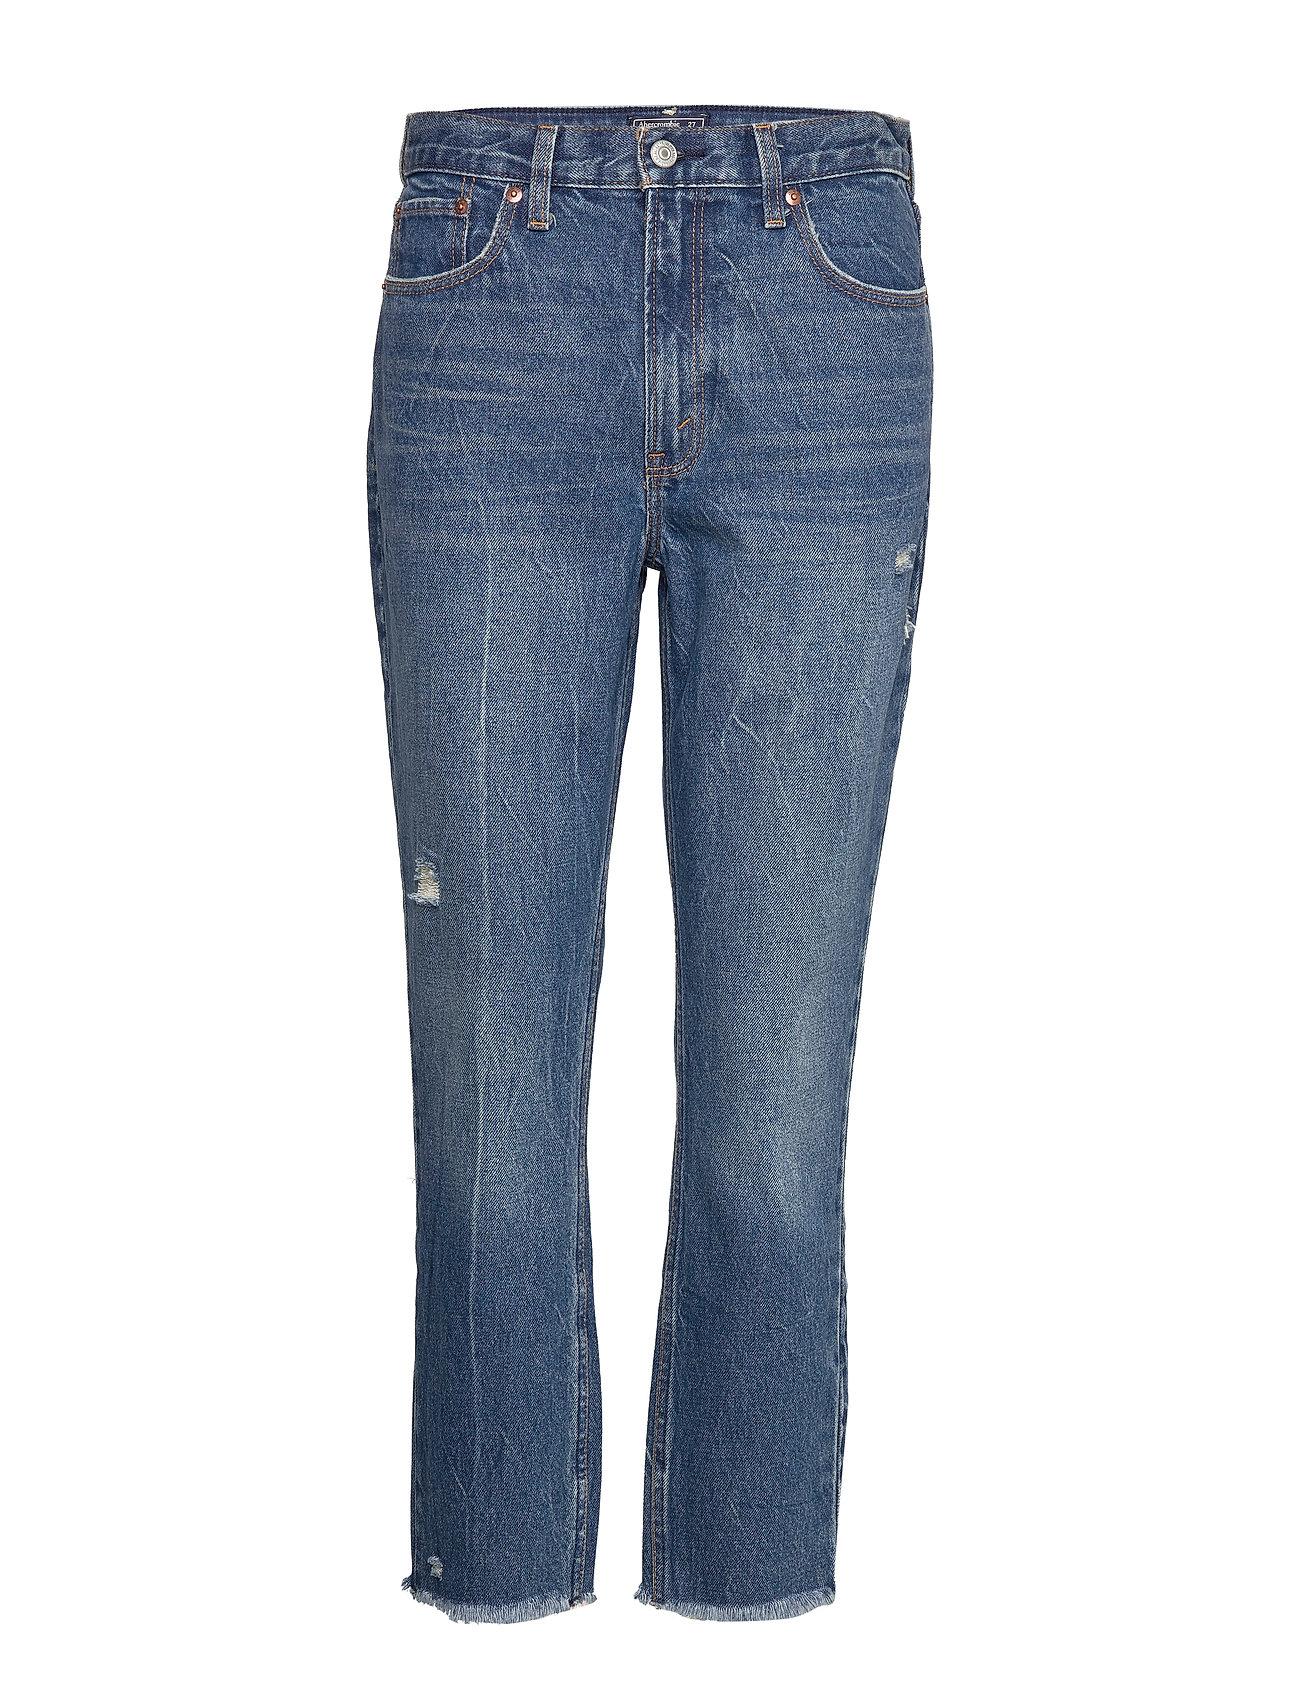 Abercrombie & Fitch Dark Wash Mom Jeans - DARK DESTROY